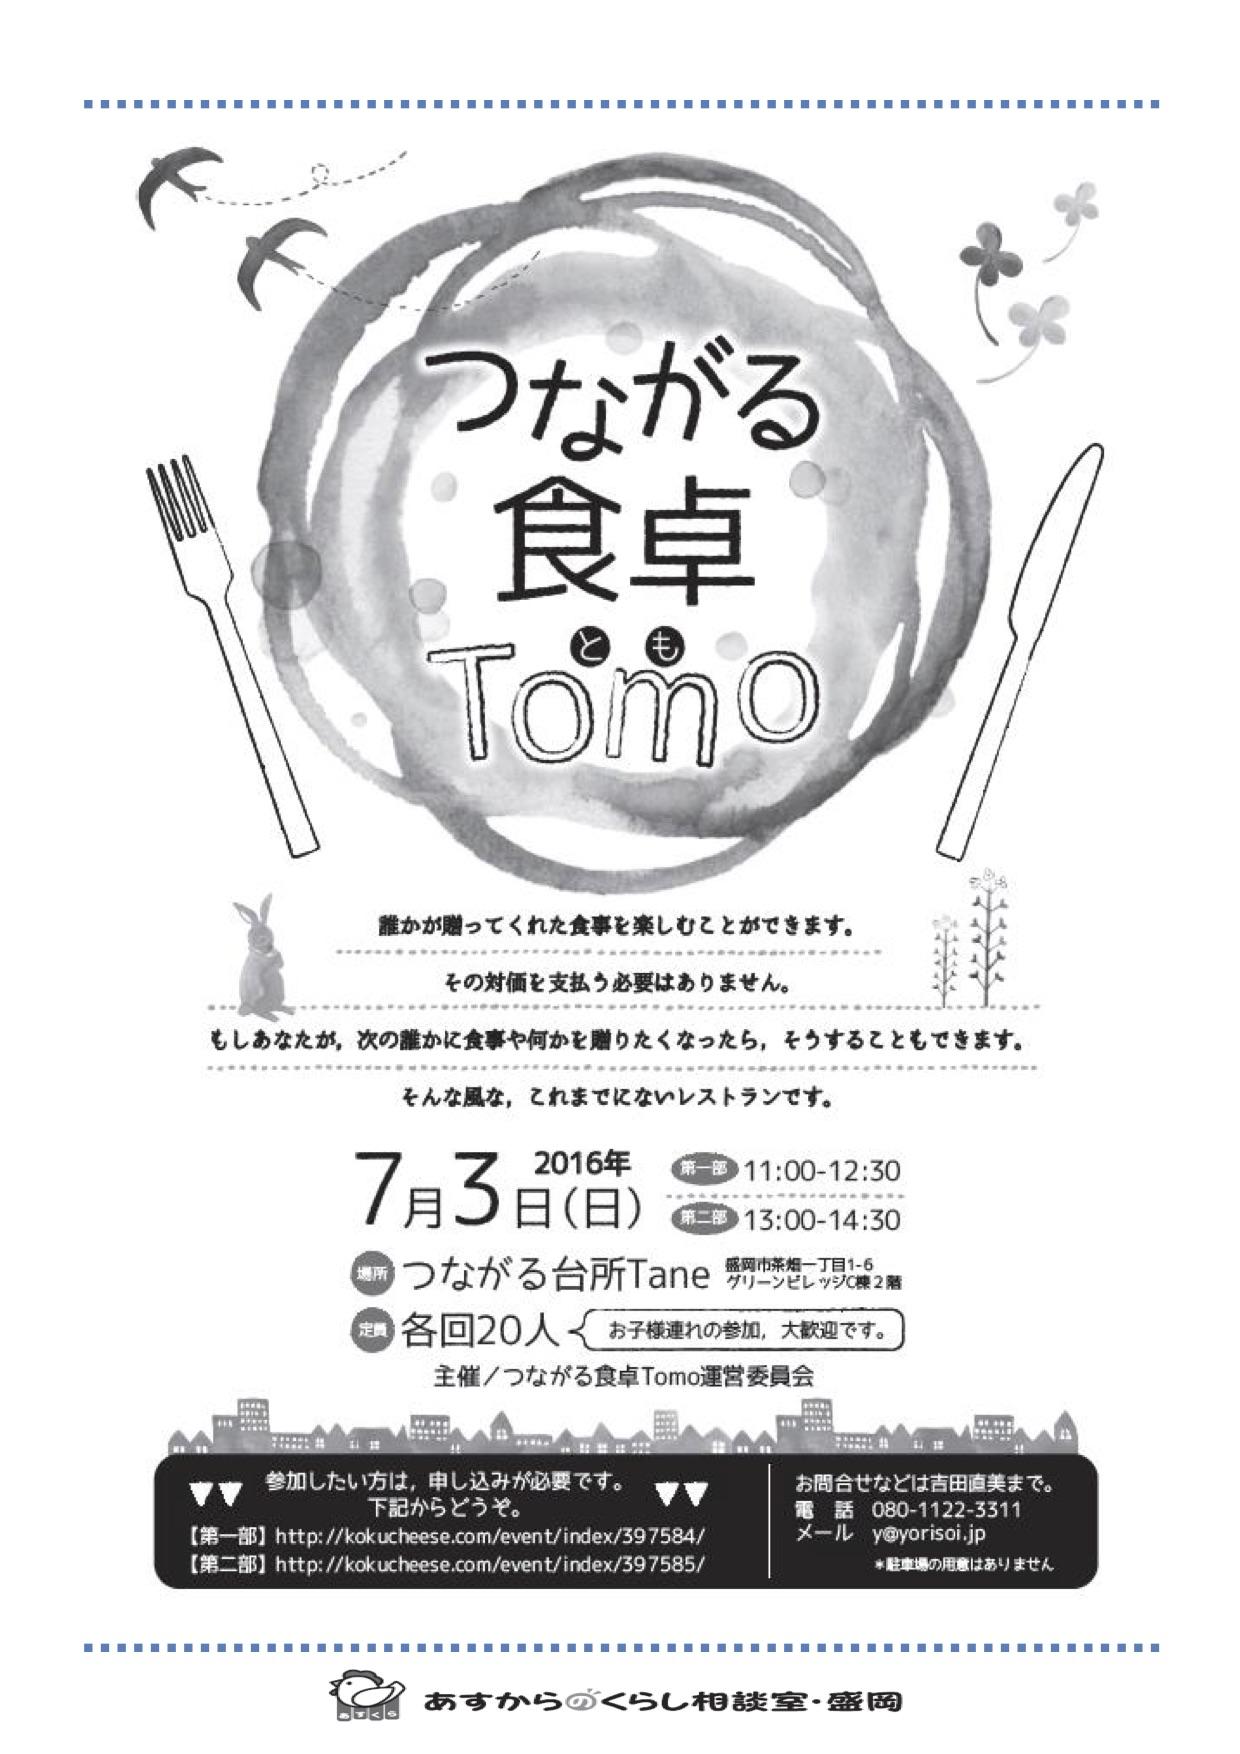 つながる食卓 Tomo を開催します(2016 年7月3日)_a0103650_2348379.jpg